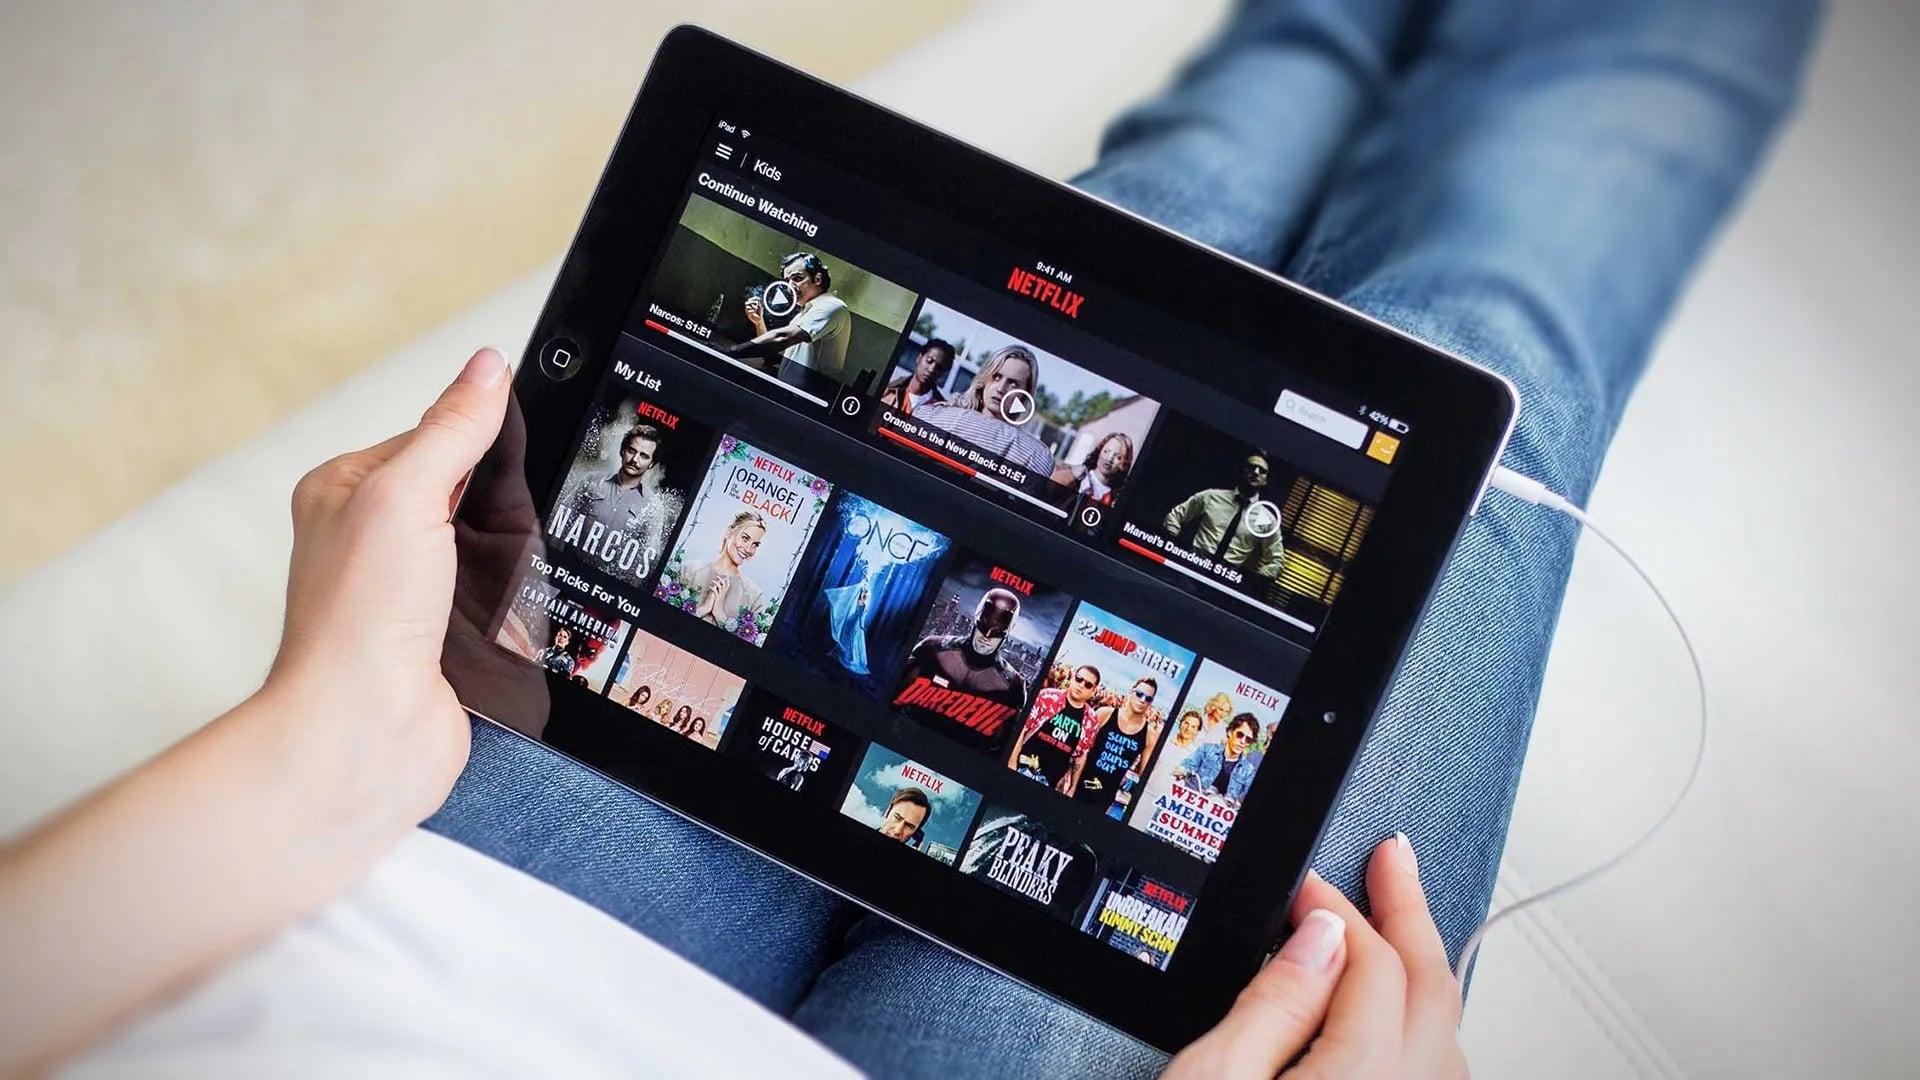 netflixoverload - اتحادیه اروپا از نت فلیکس خواست برای حفظ ثبات اینترنت تماشای آنلاین را محدود کند